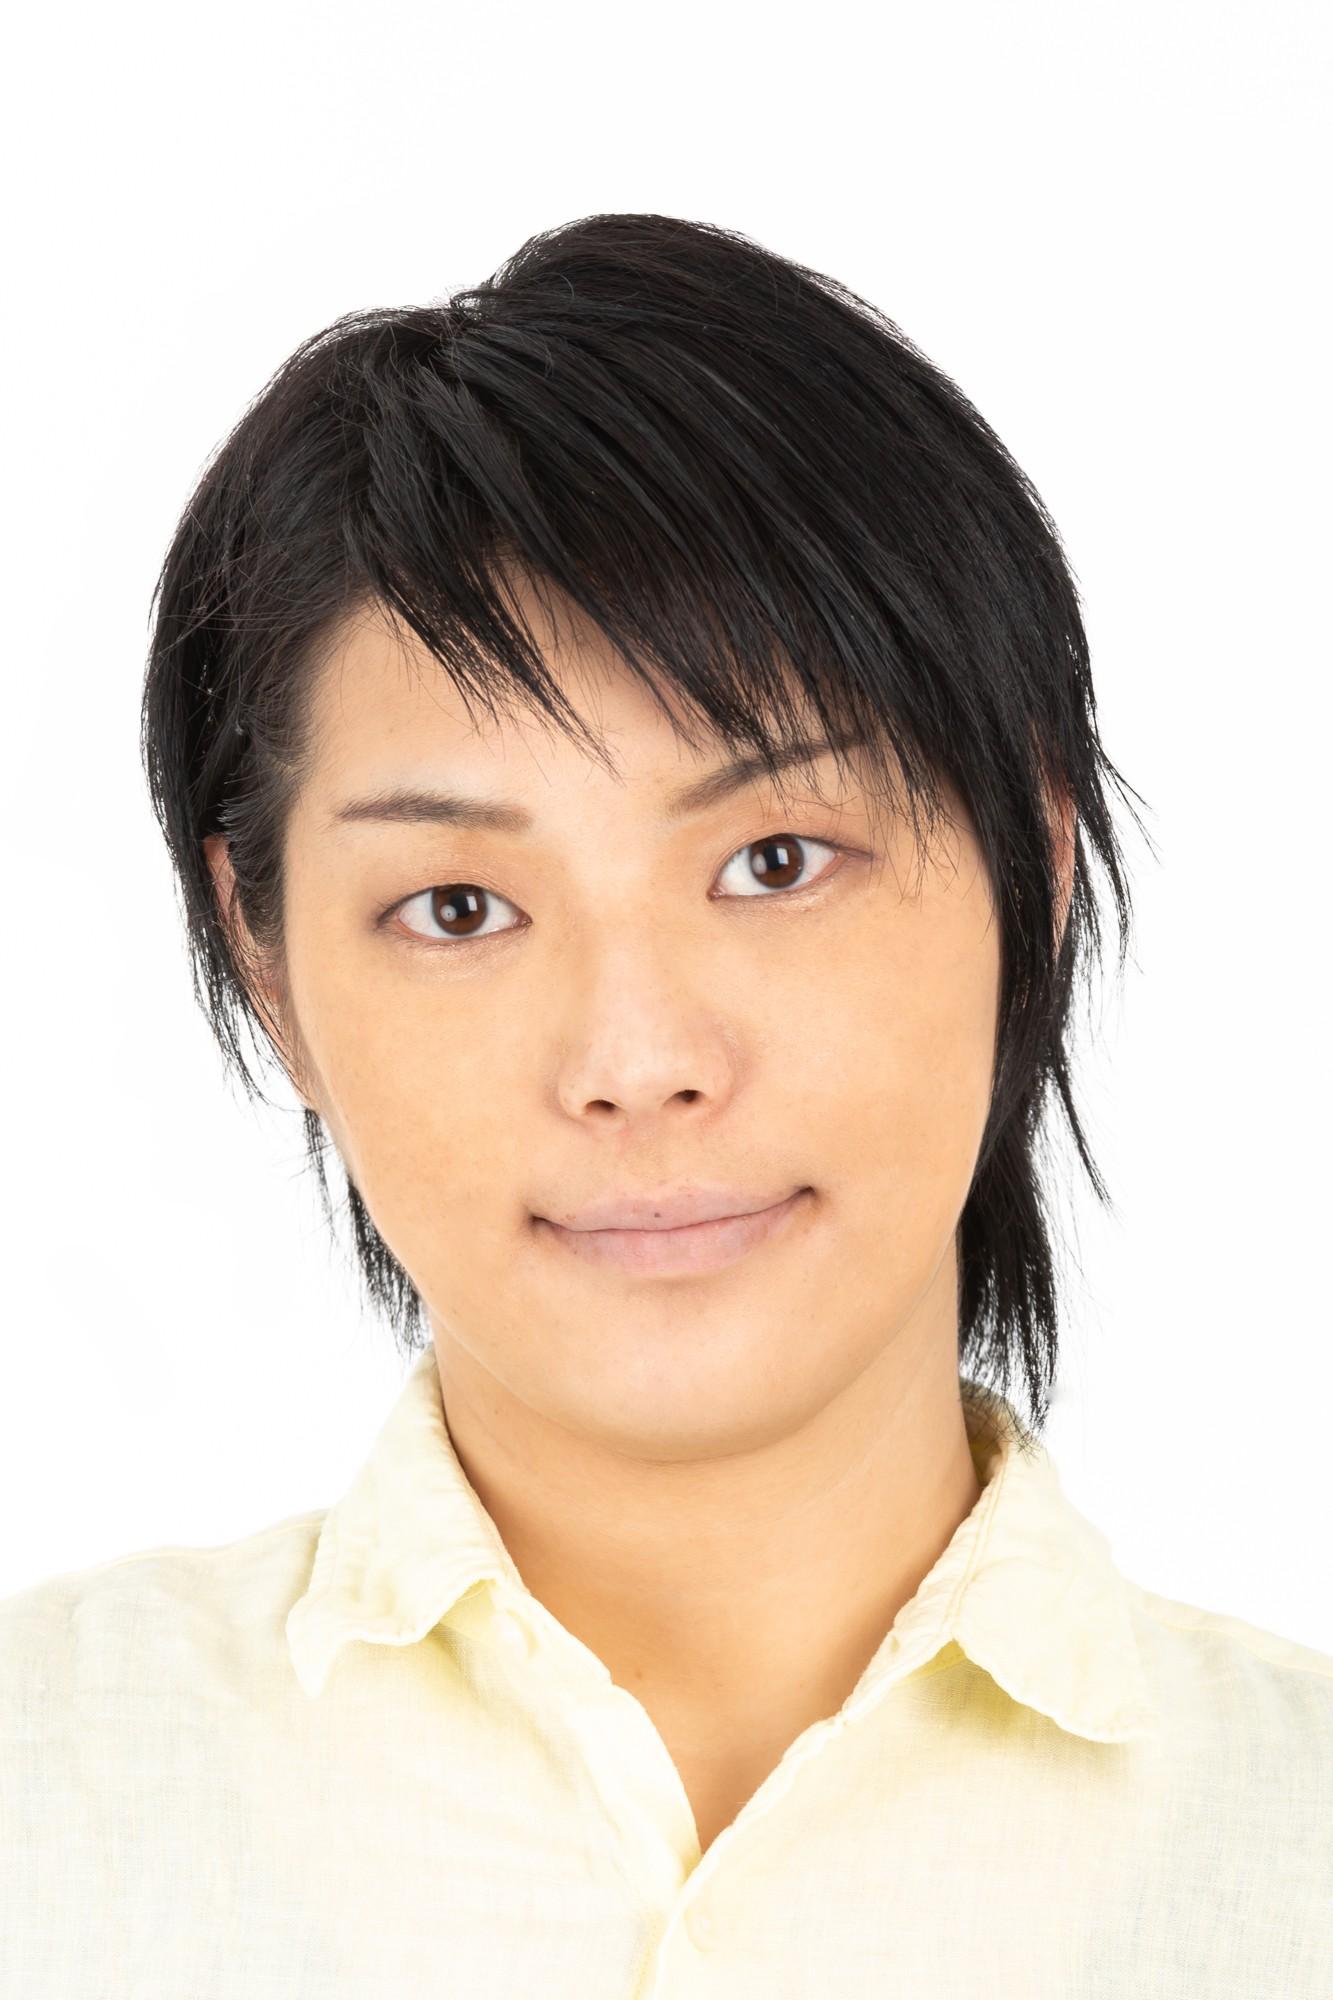 渡邊みづき,MizukiWatanabe